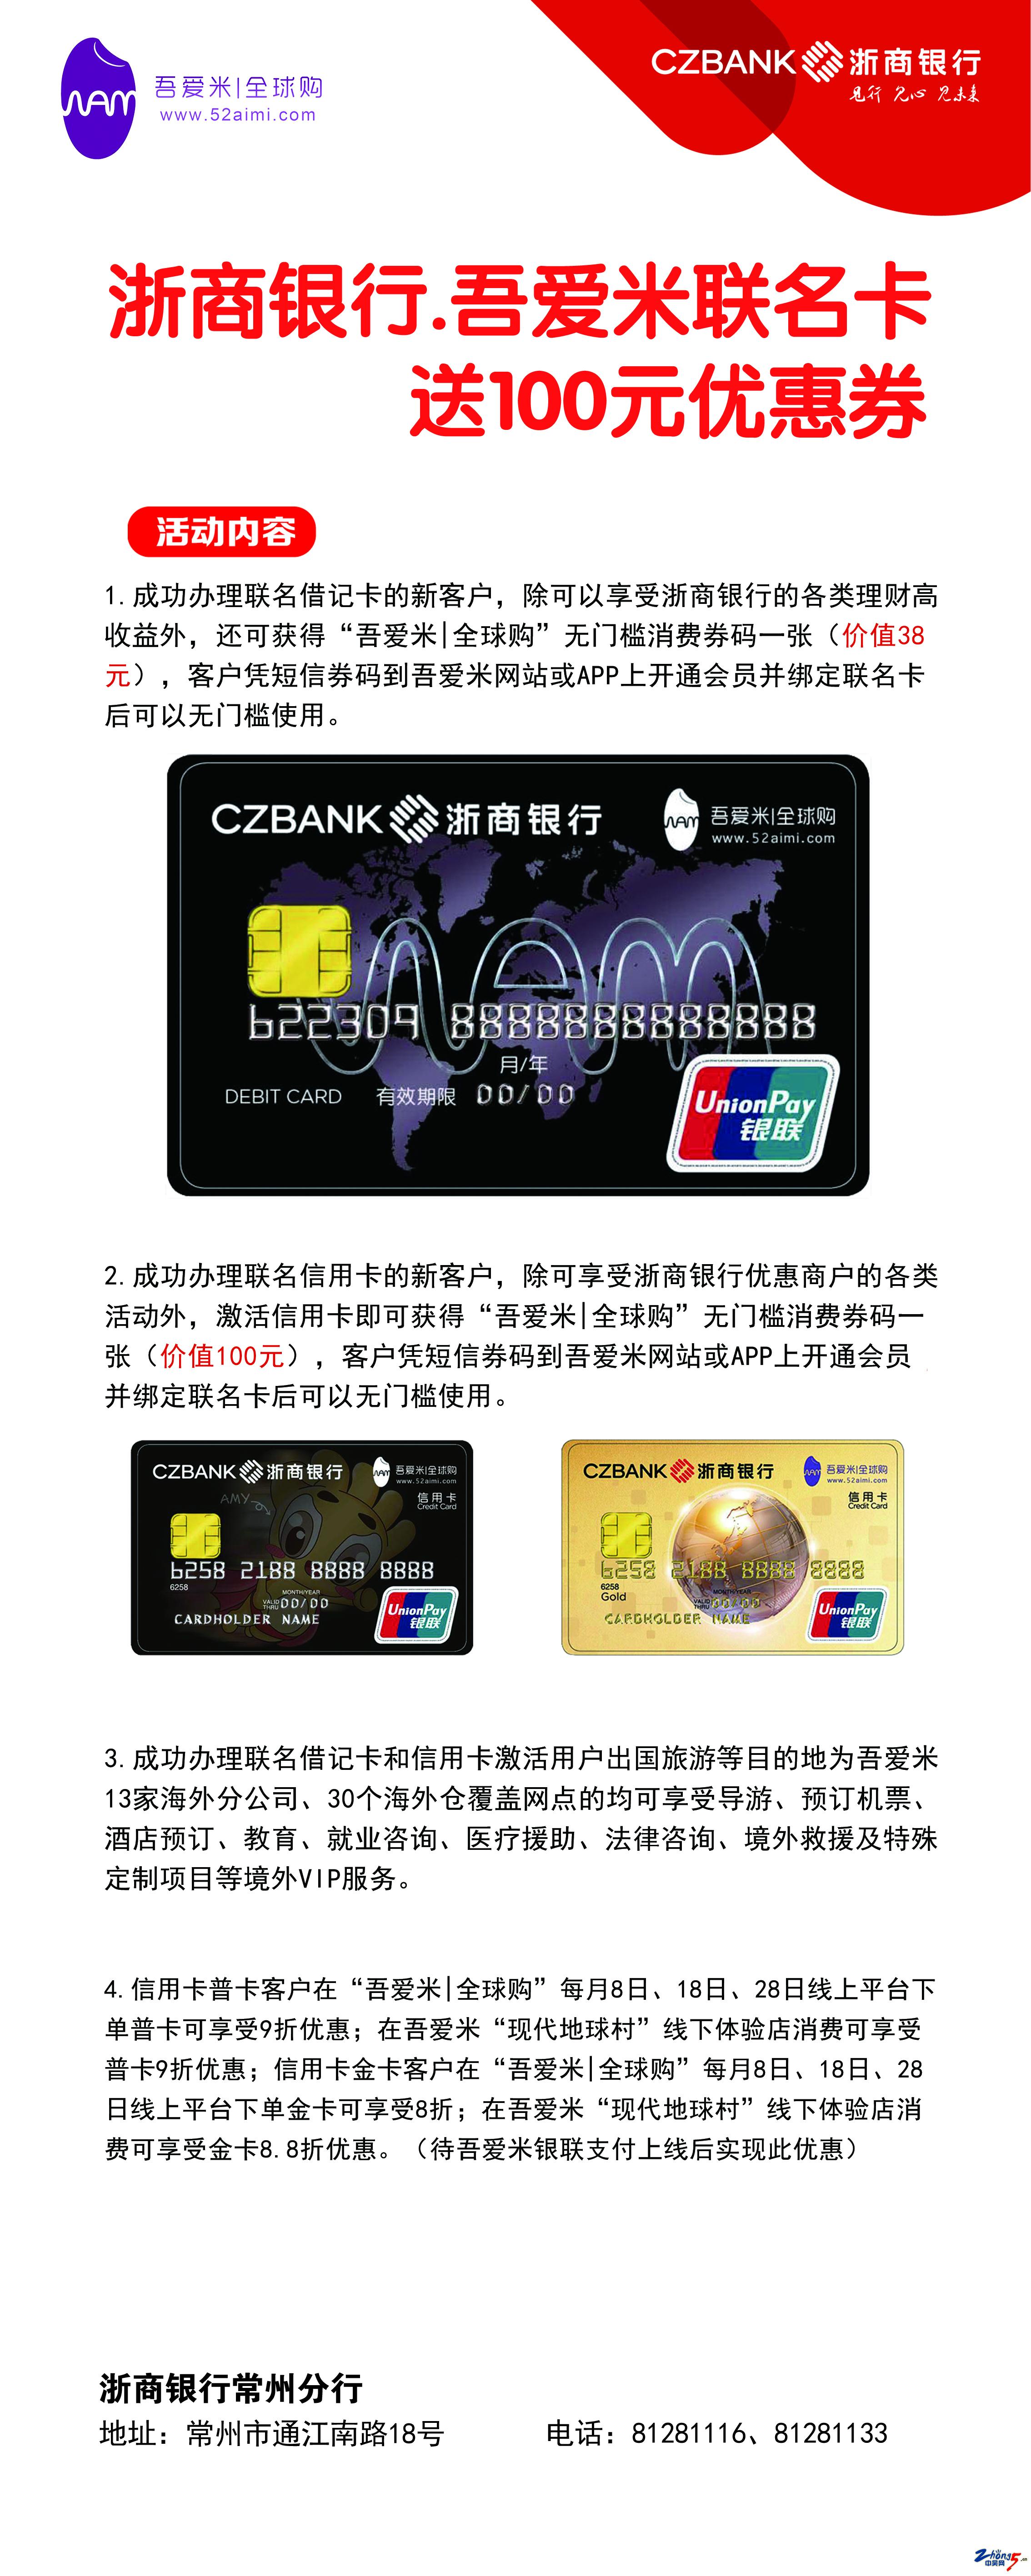 浙商银行·吾爱米联名卡送100元优惠券